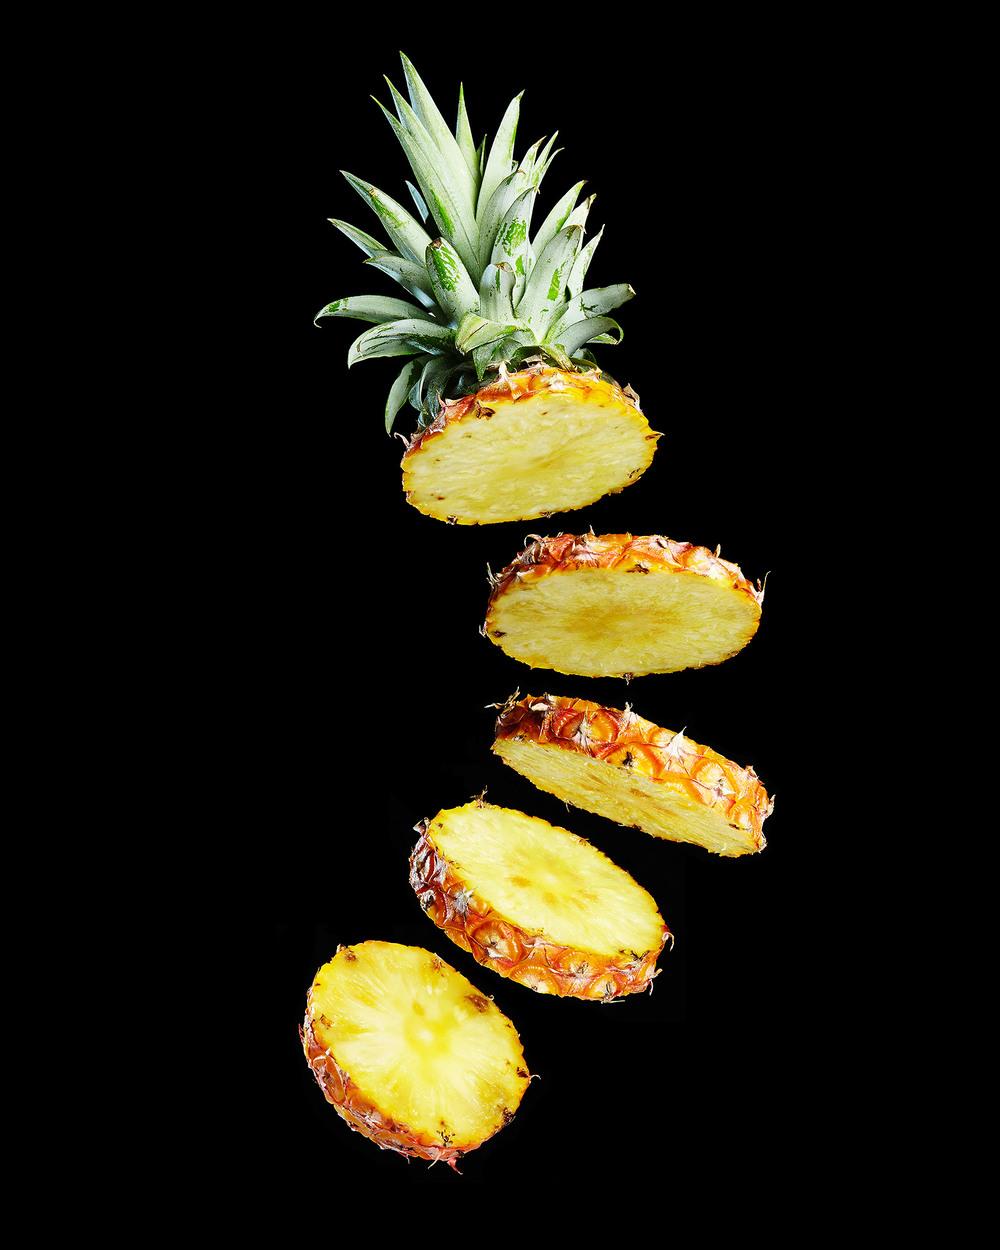 131101-Exploding-Fruit0016.jpg